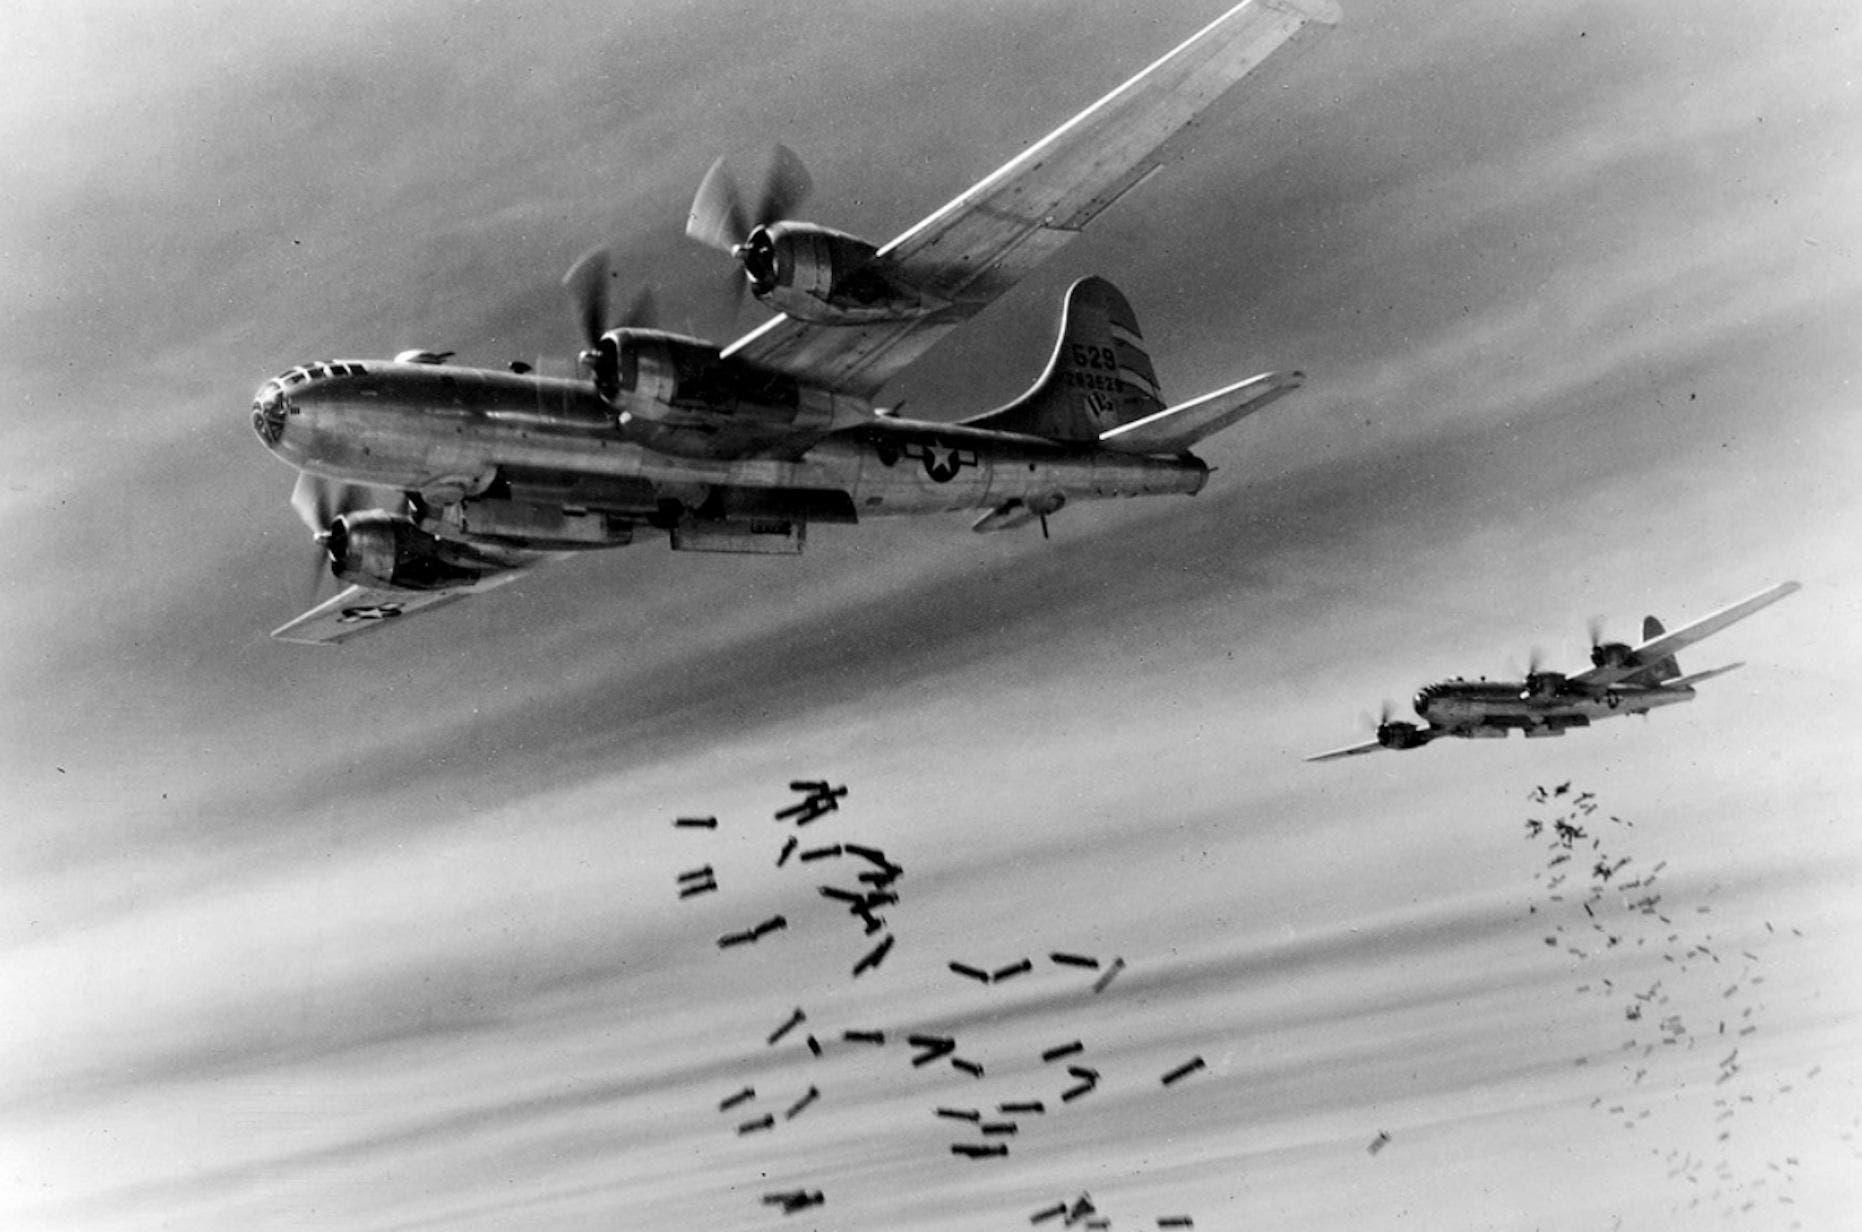 صورة لعدد من قاذفات القنابل الأميركية بي - 29 سوبر فورتريس خلال قصفها للمواقع اليابانية ببورما أثناء الحرب العالمية الثانية